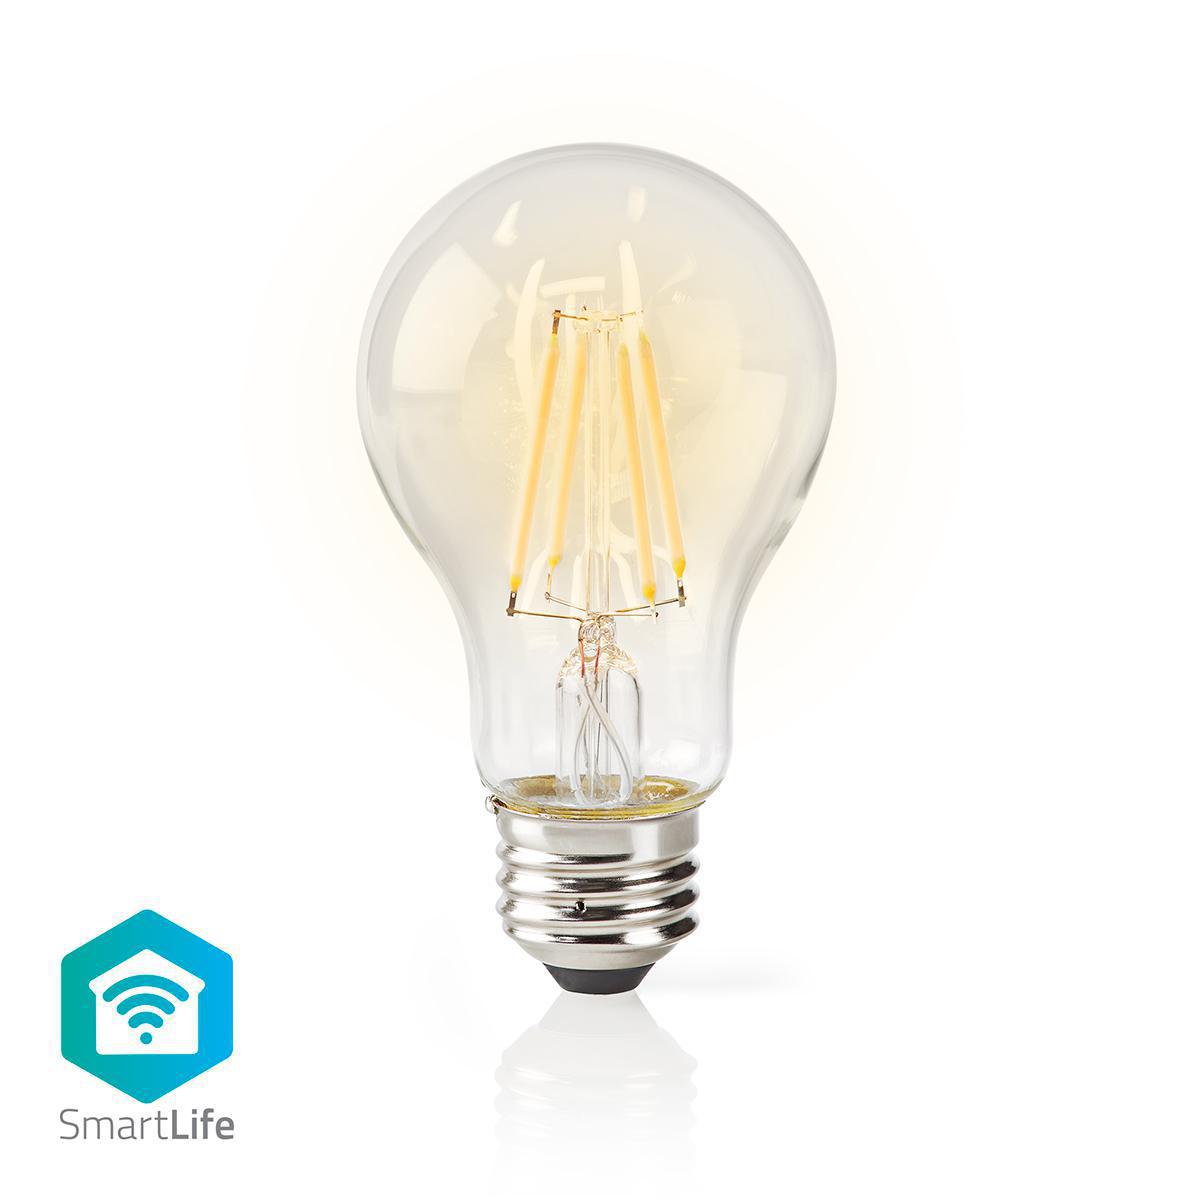 Ampoule LED Intelligente Wi-Fi - Filament - E27 - Blanche - A60